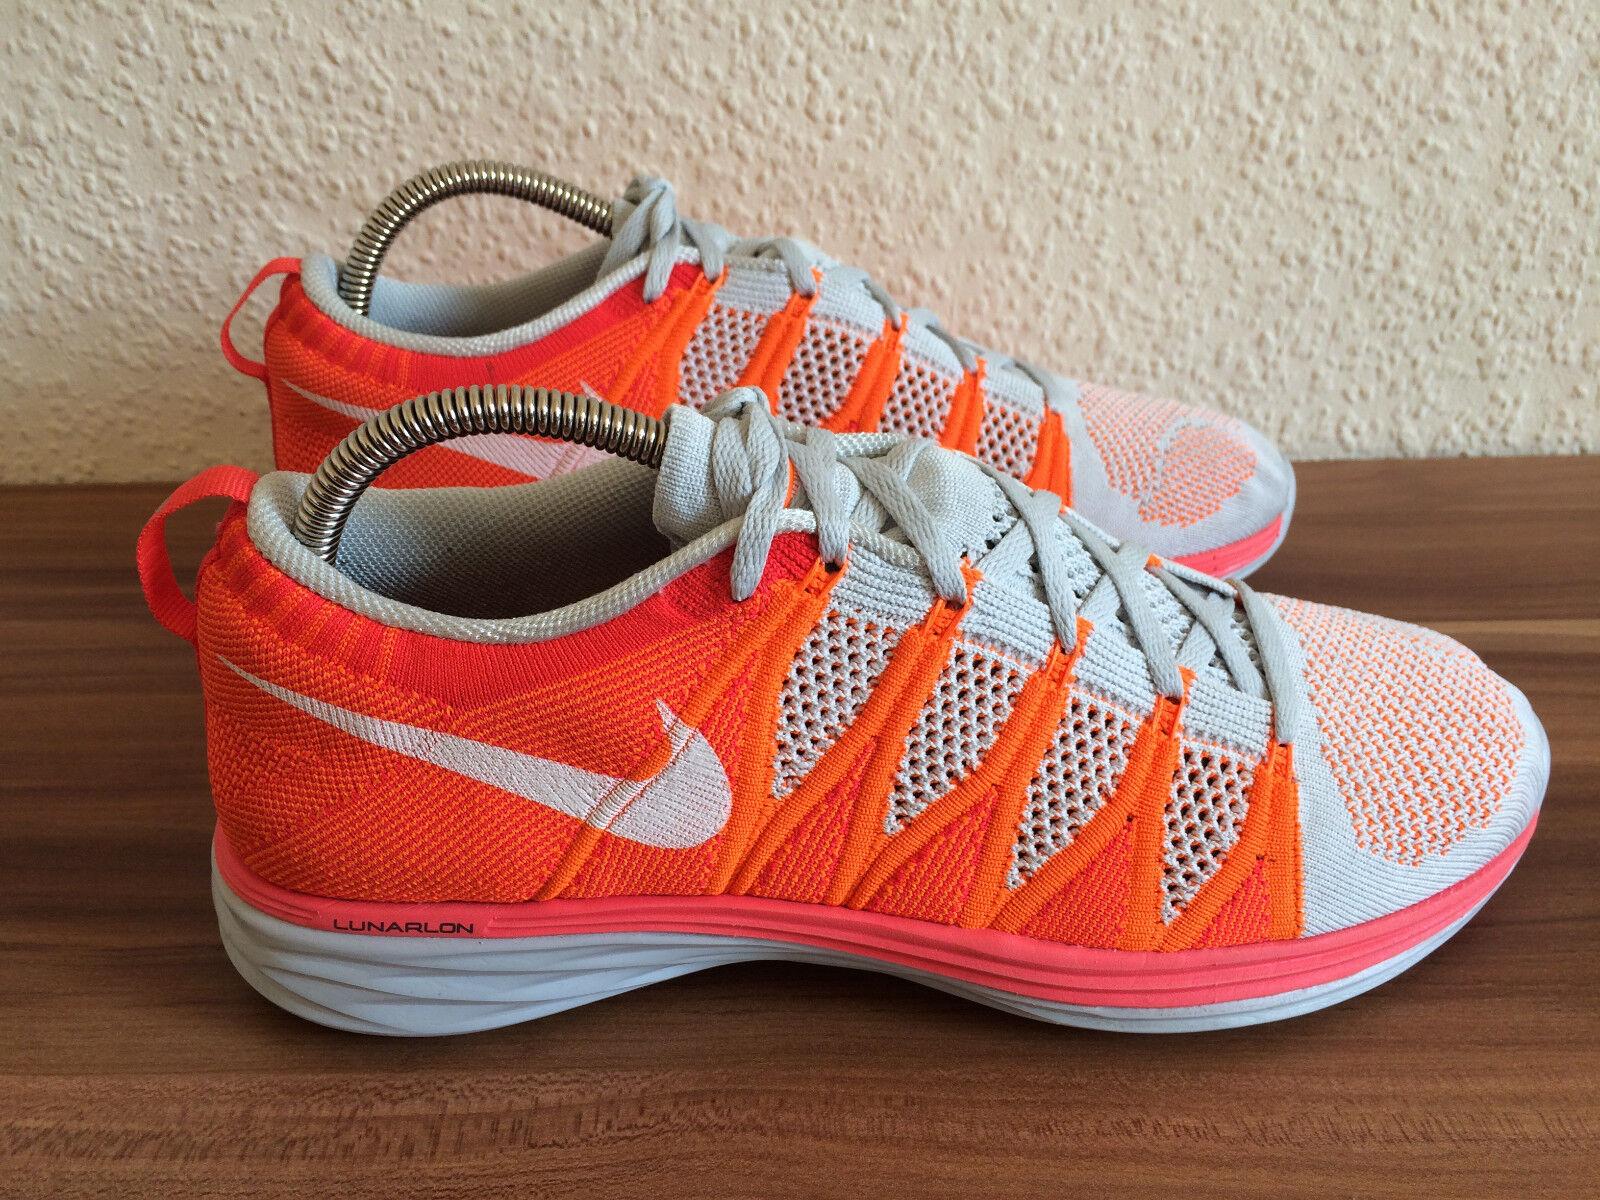 Details zu Nike Air Max Sequent 4 Herren Herrenschuhe Sporschuhe Sneaker Schuhe AO4485 006